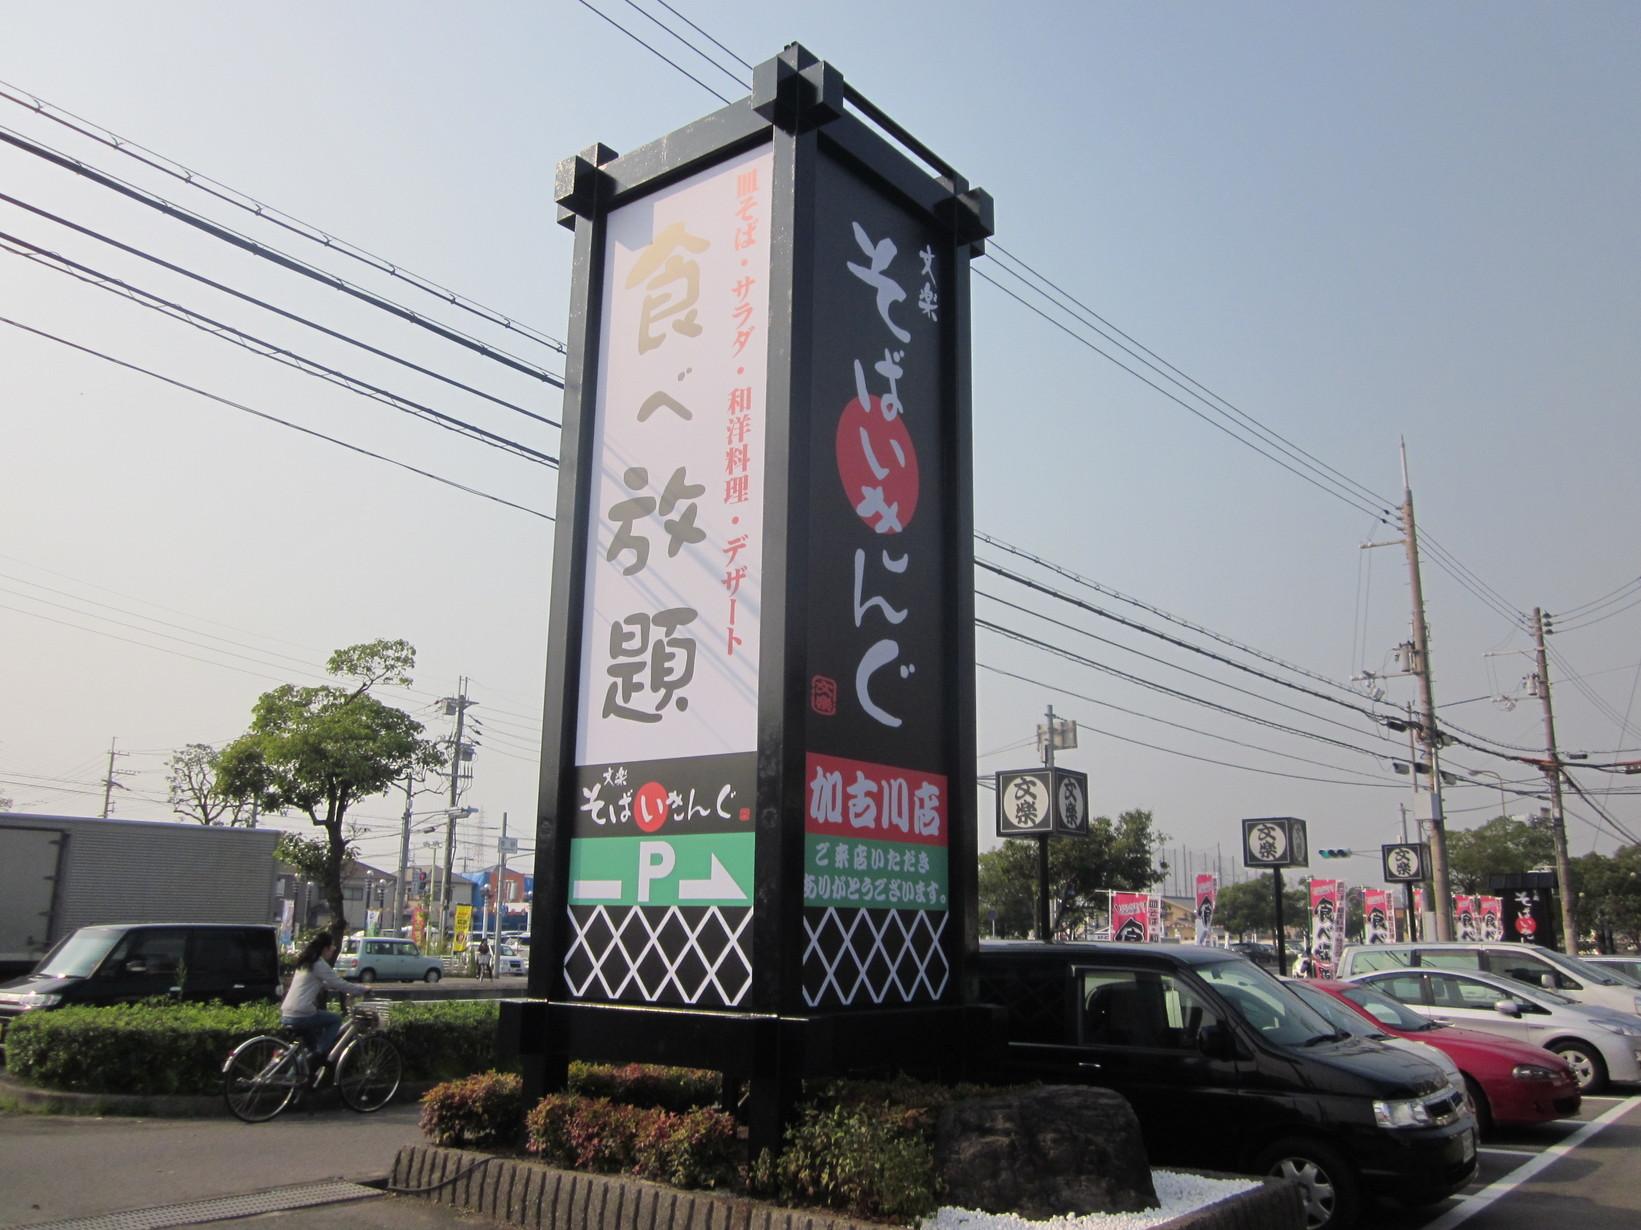 そばいきんぐ 文楽 加古川店